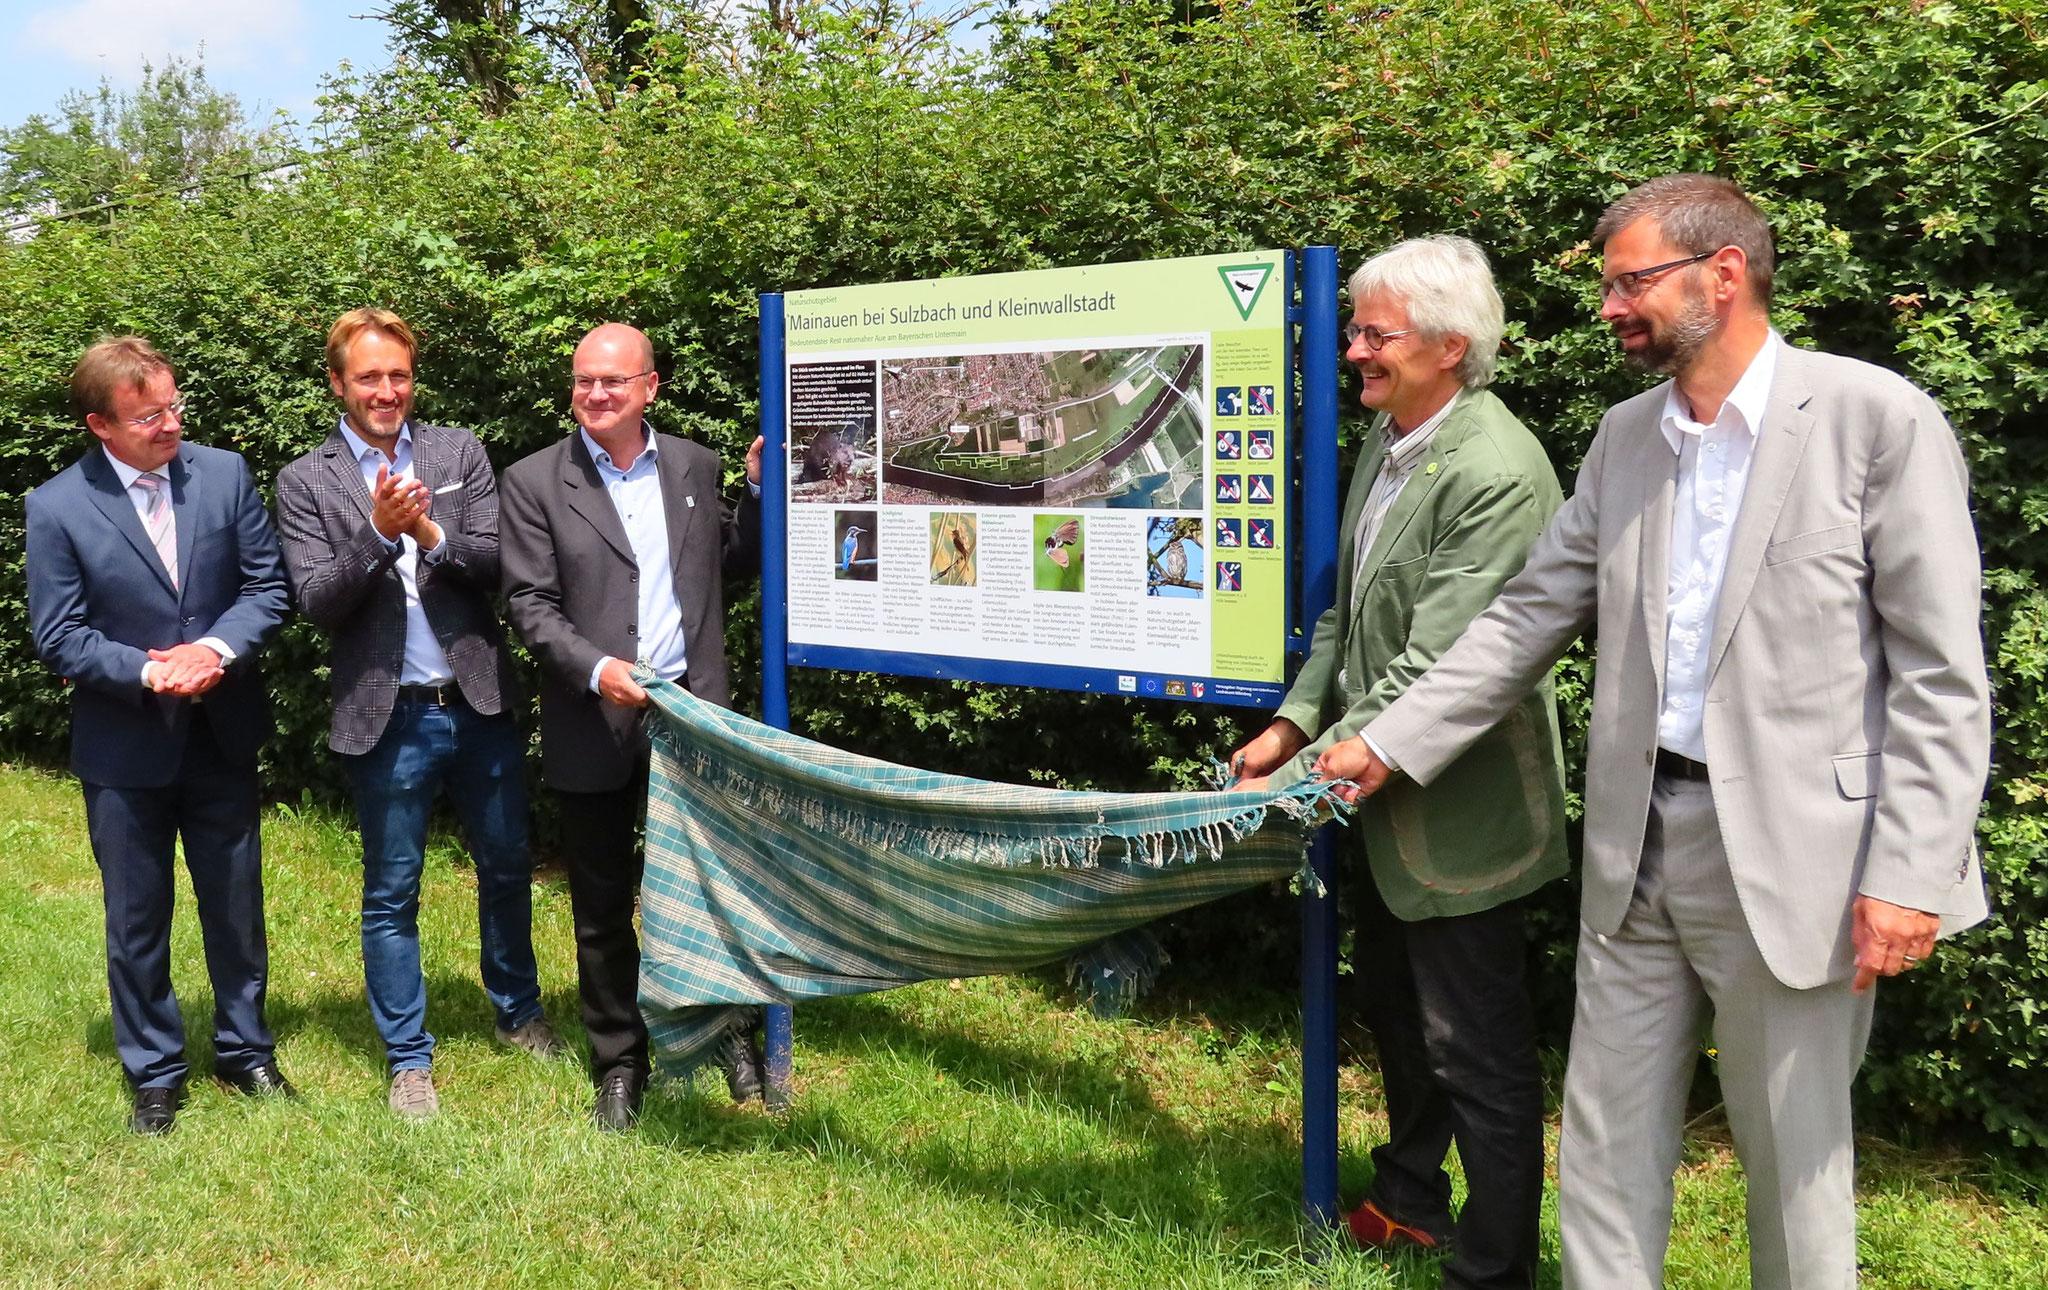 Bürgermeister Köhler mit Amtskollegen Stock enthüllen gemeinsam mit Dr. Schäffer (LBV), Richard Mergner (BN) und Landrat Scherf die neue Infotalfel